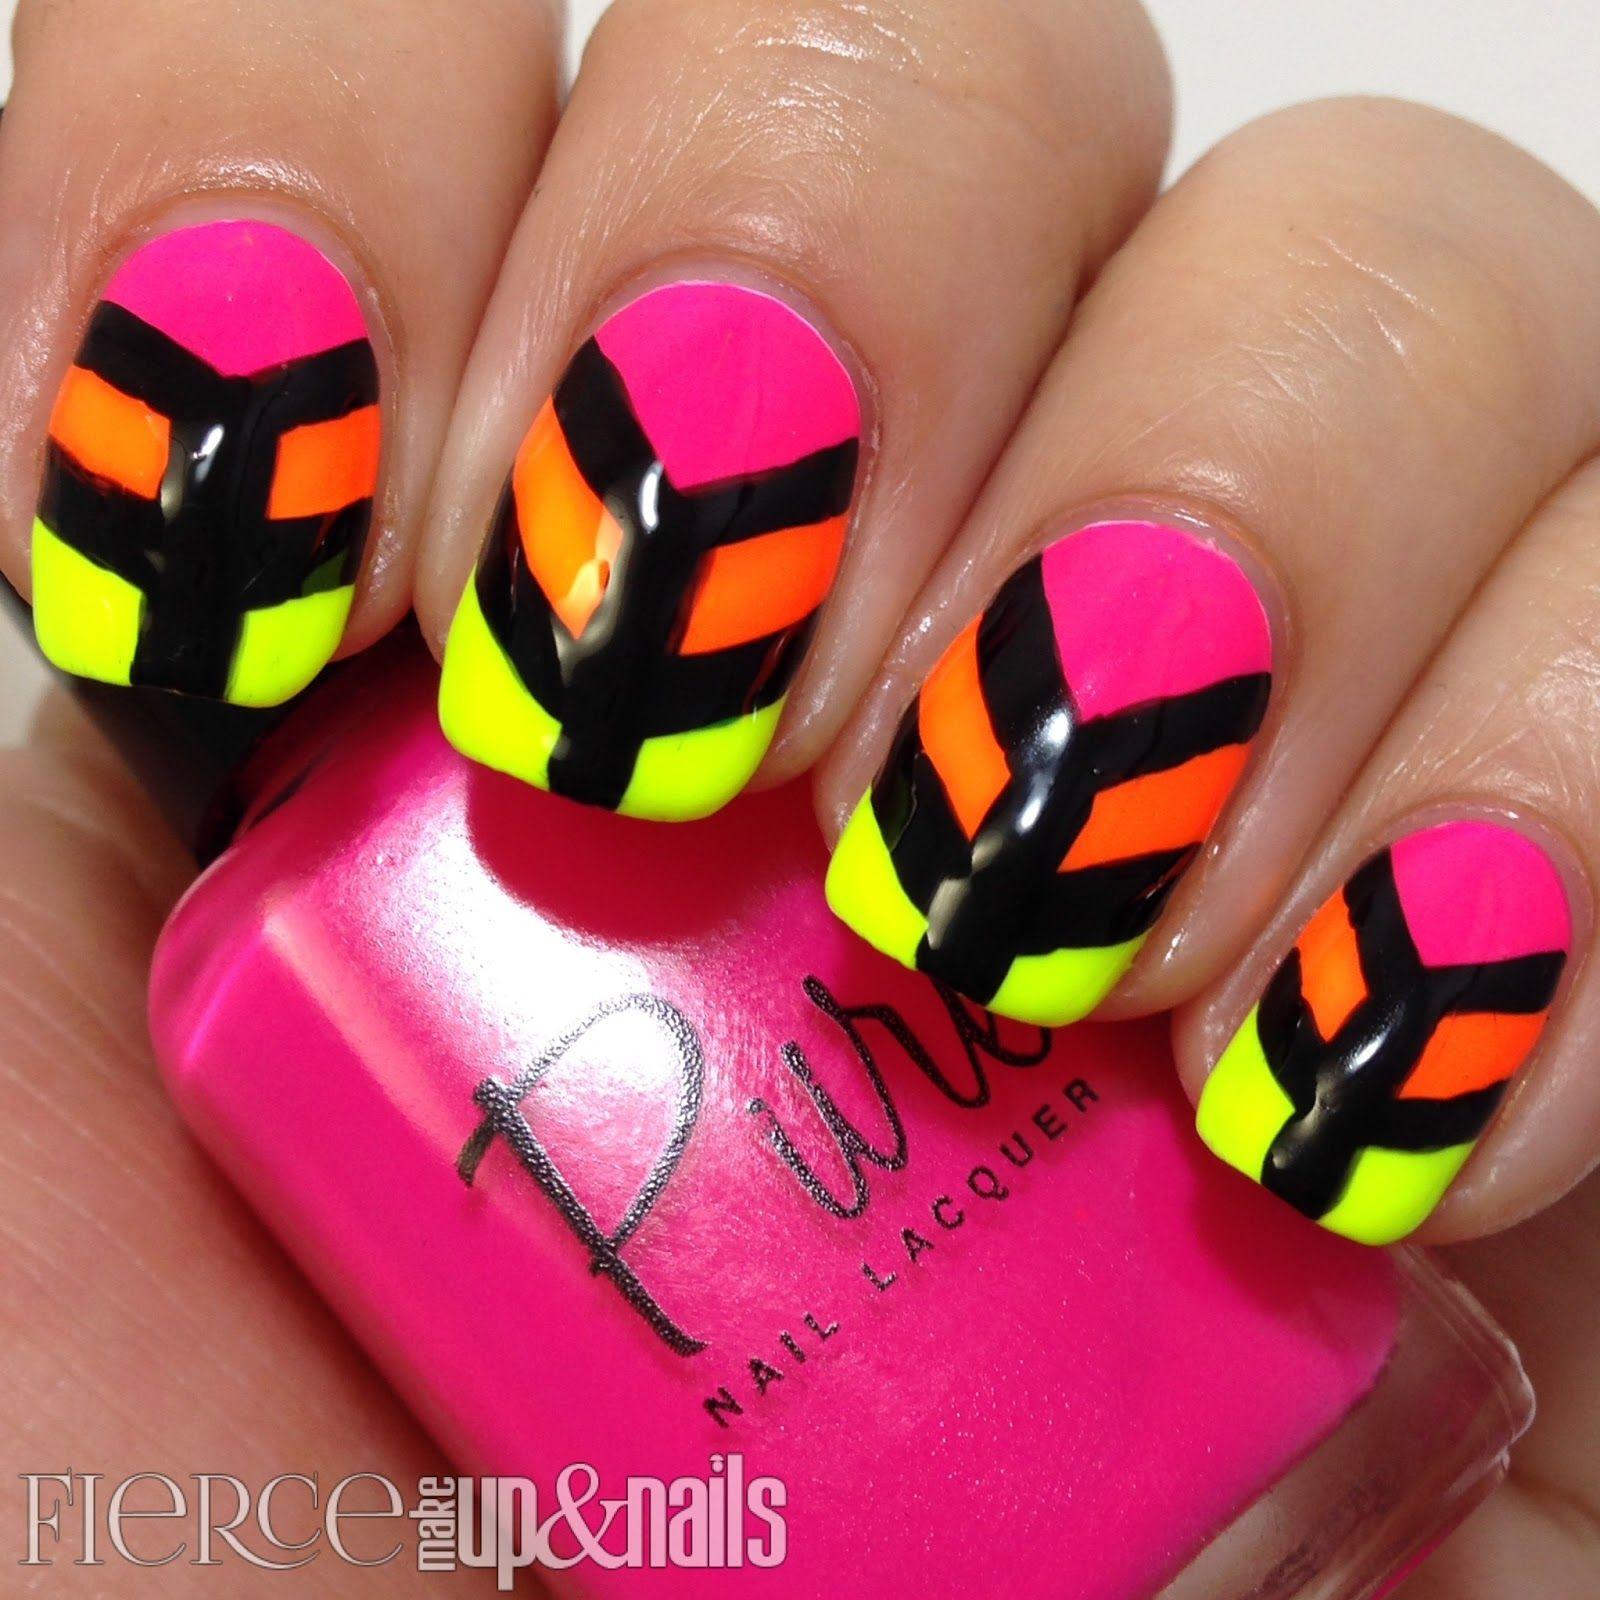 fierce makeup and nails #nail #nails